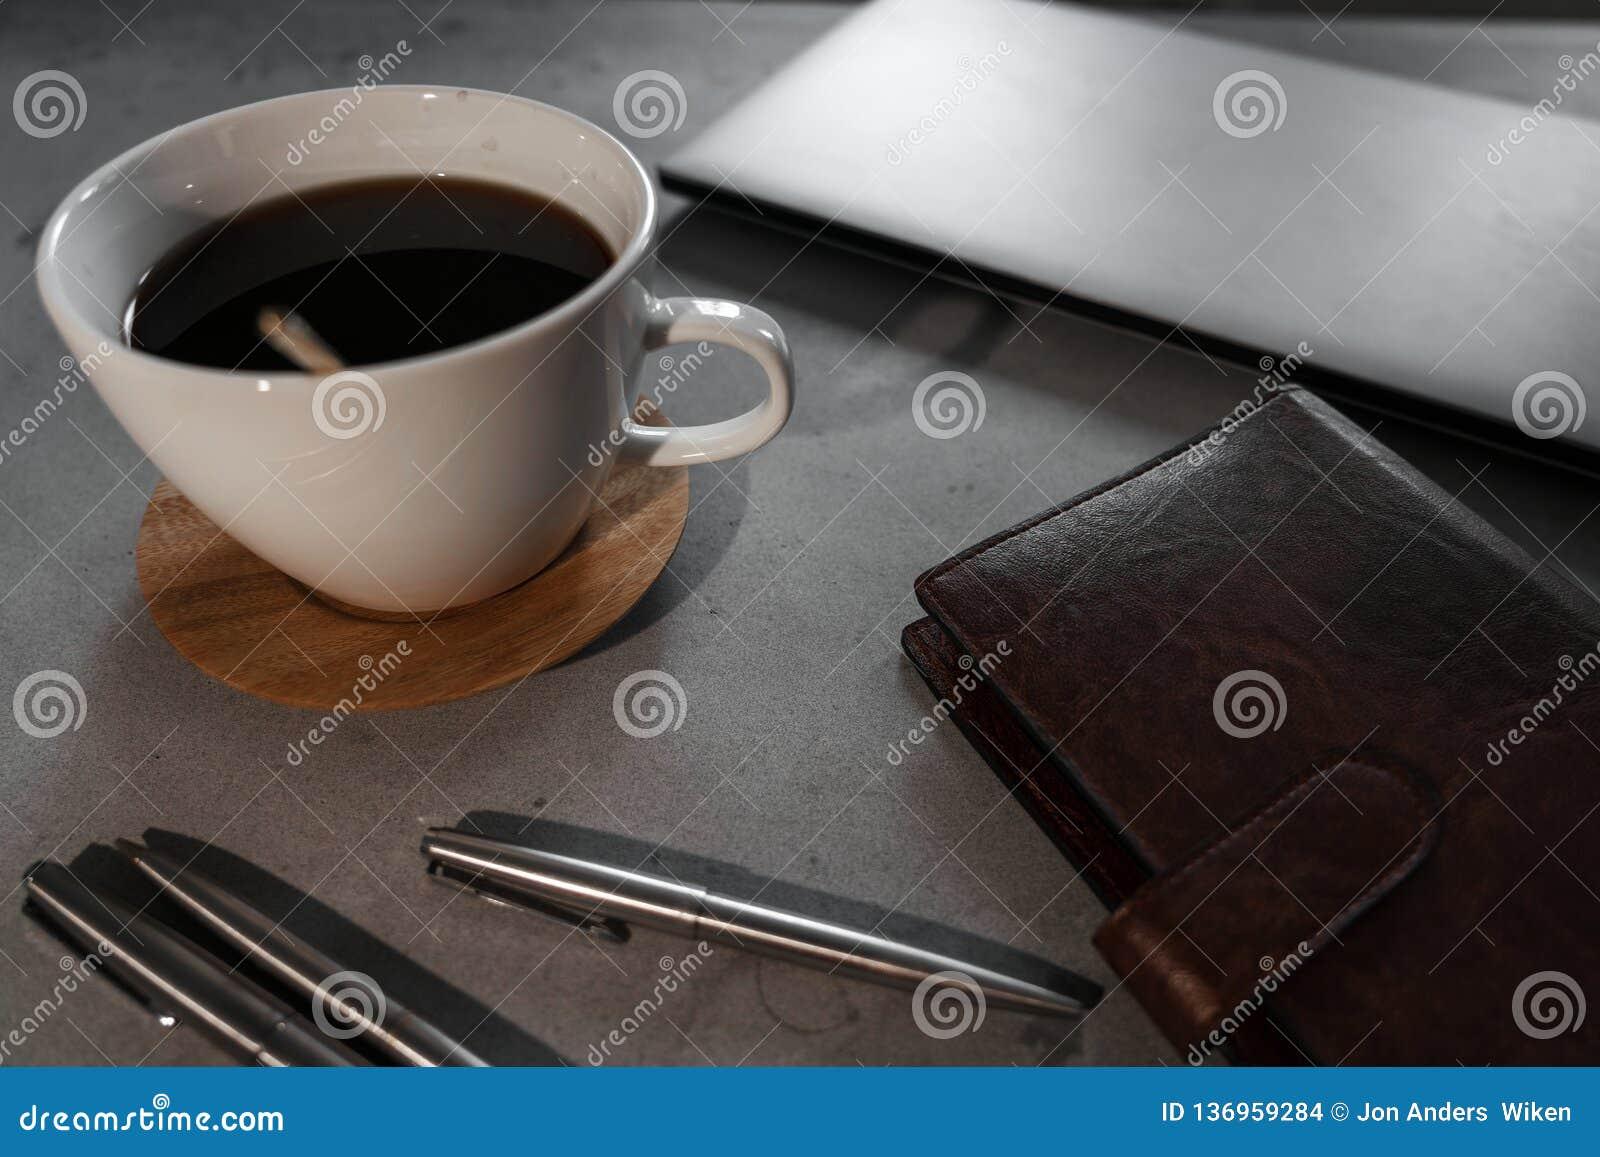 Καφές, κουτάλι, lap-top, σημειωματάριο και μάνδρες στο συγκεκριμένο πίνακα